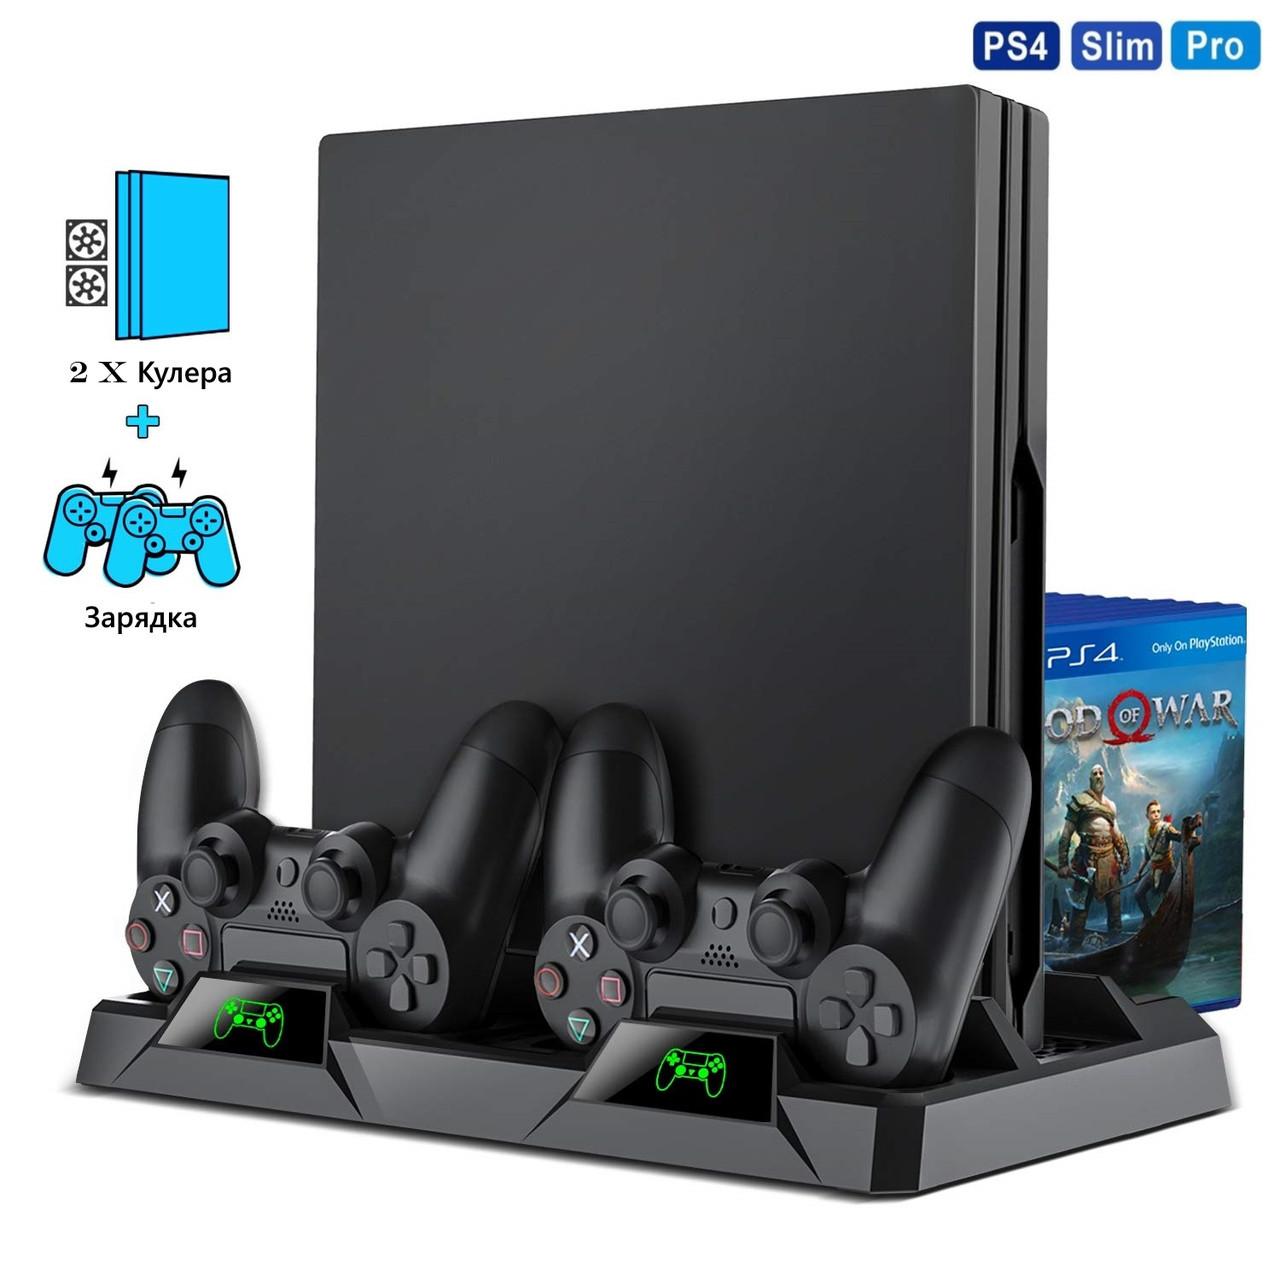 Зарядная док-станция для Playstation 4 / PS4 SLIM / PRO с 2 с LED зарядкой для 2-х геймпадов